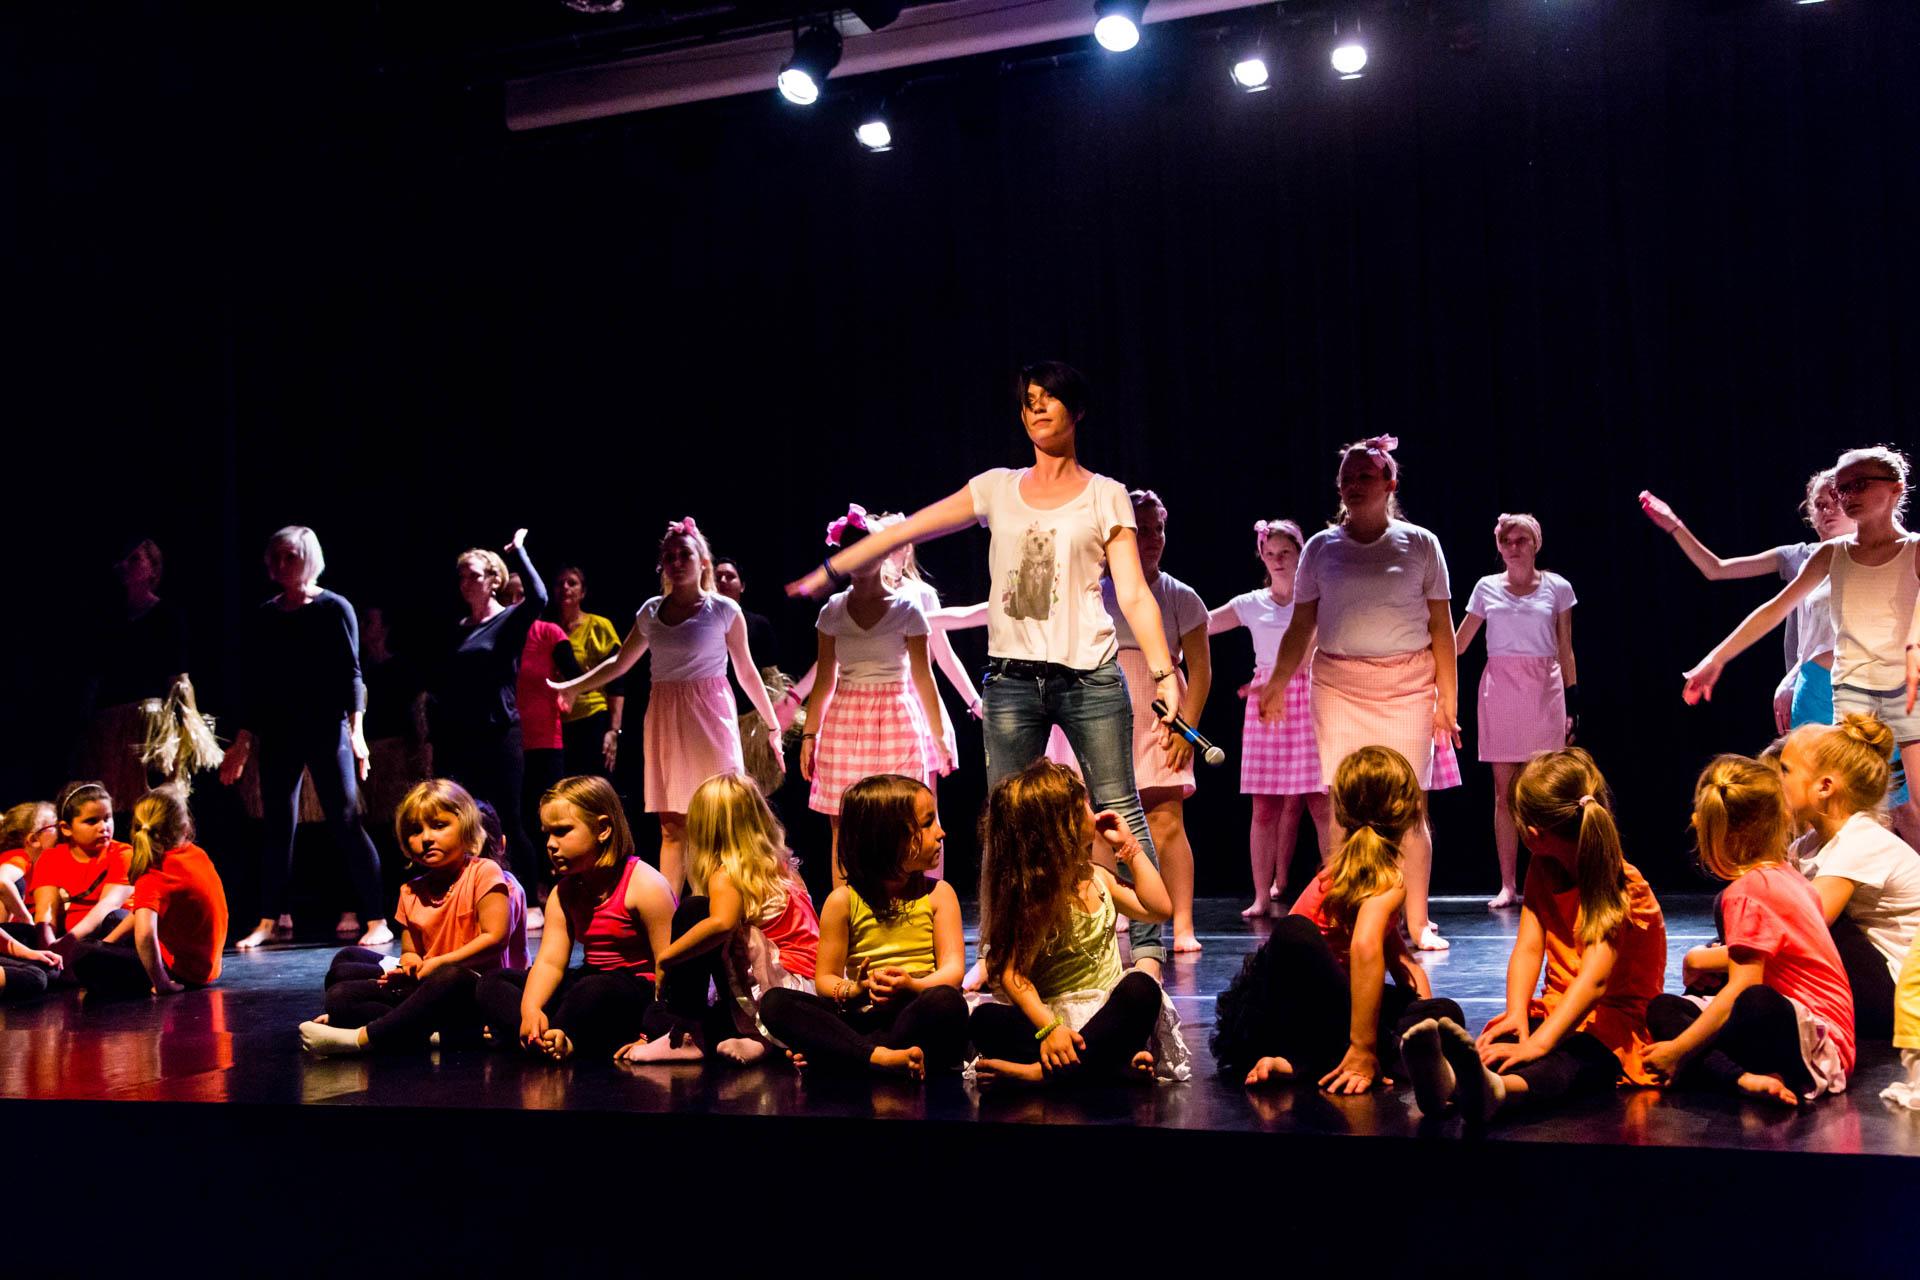 2016-06-23-Gala_de_danse_Cercle_Laïque-67